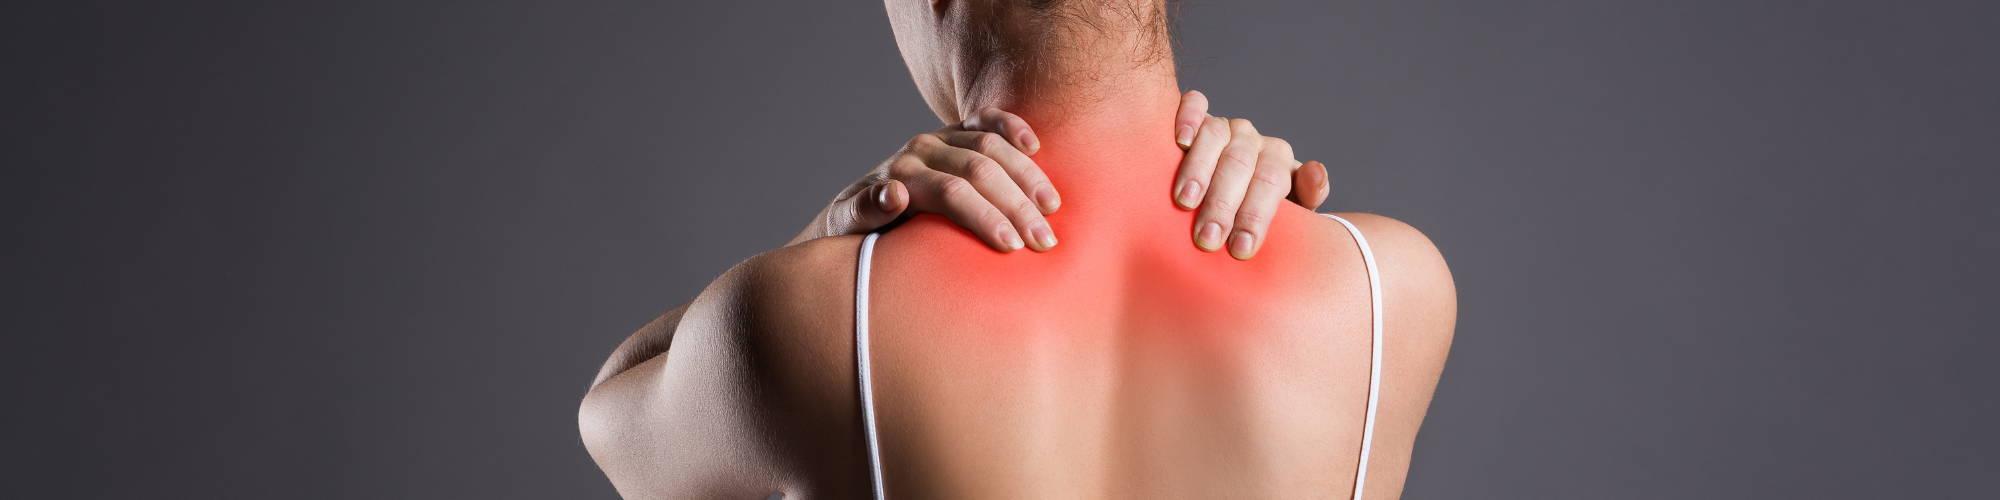 upper back pain office desk ergonomics